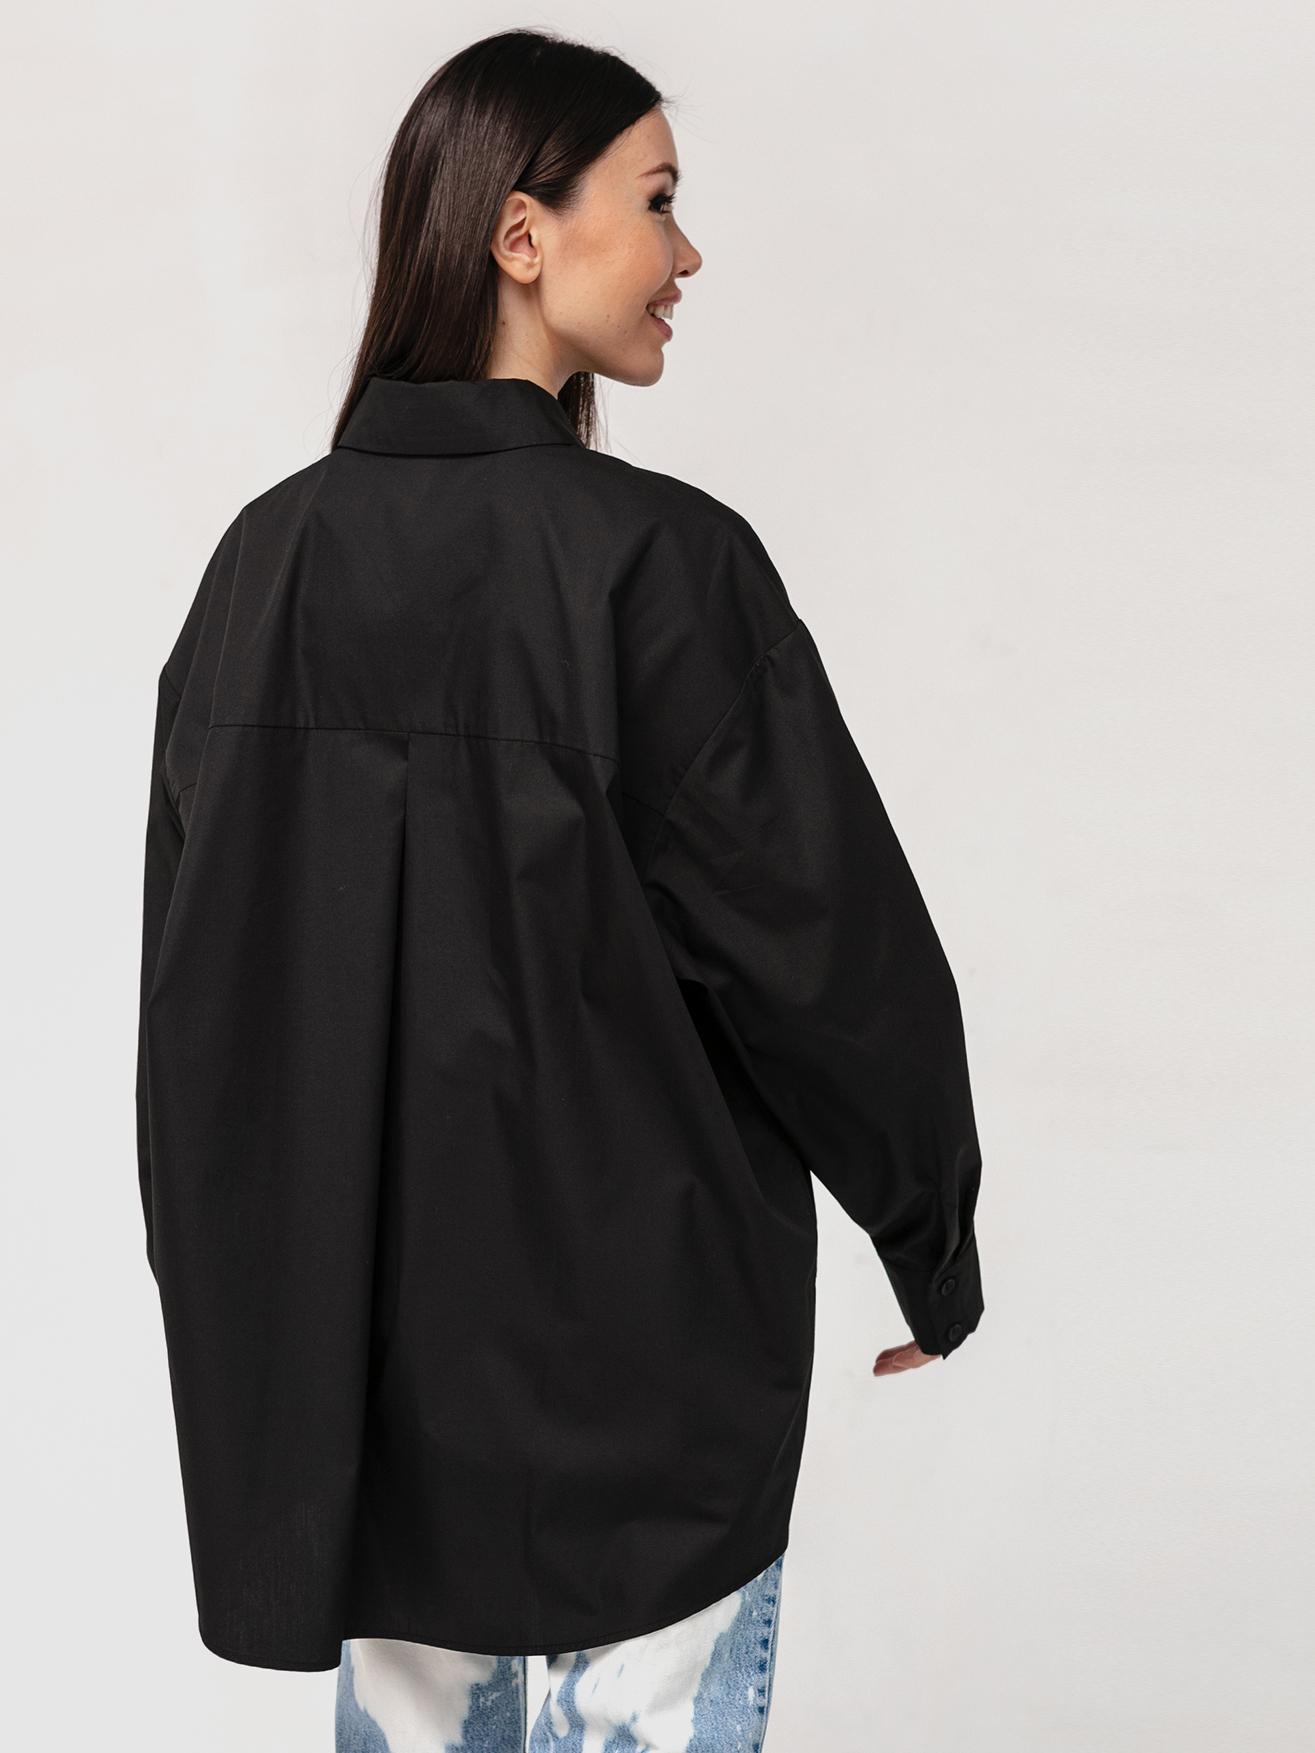 Хлопковая рубашка бойфренда черная с длинными рукавами YOS от украинского бренда Your Own Style